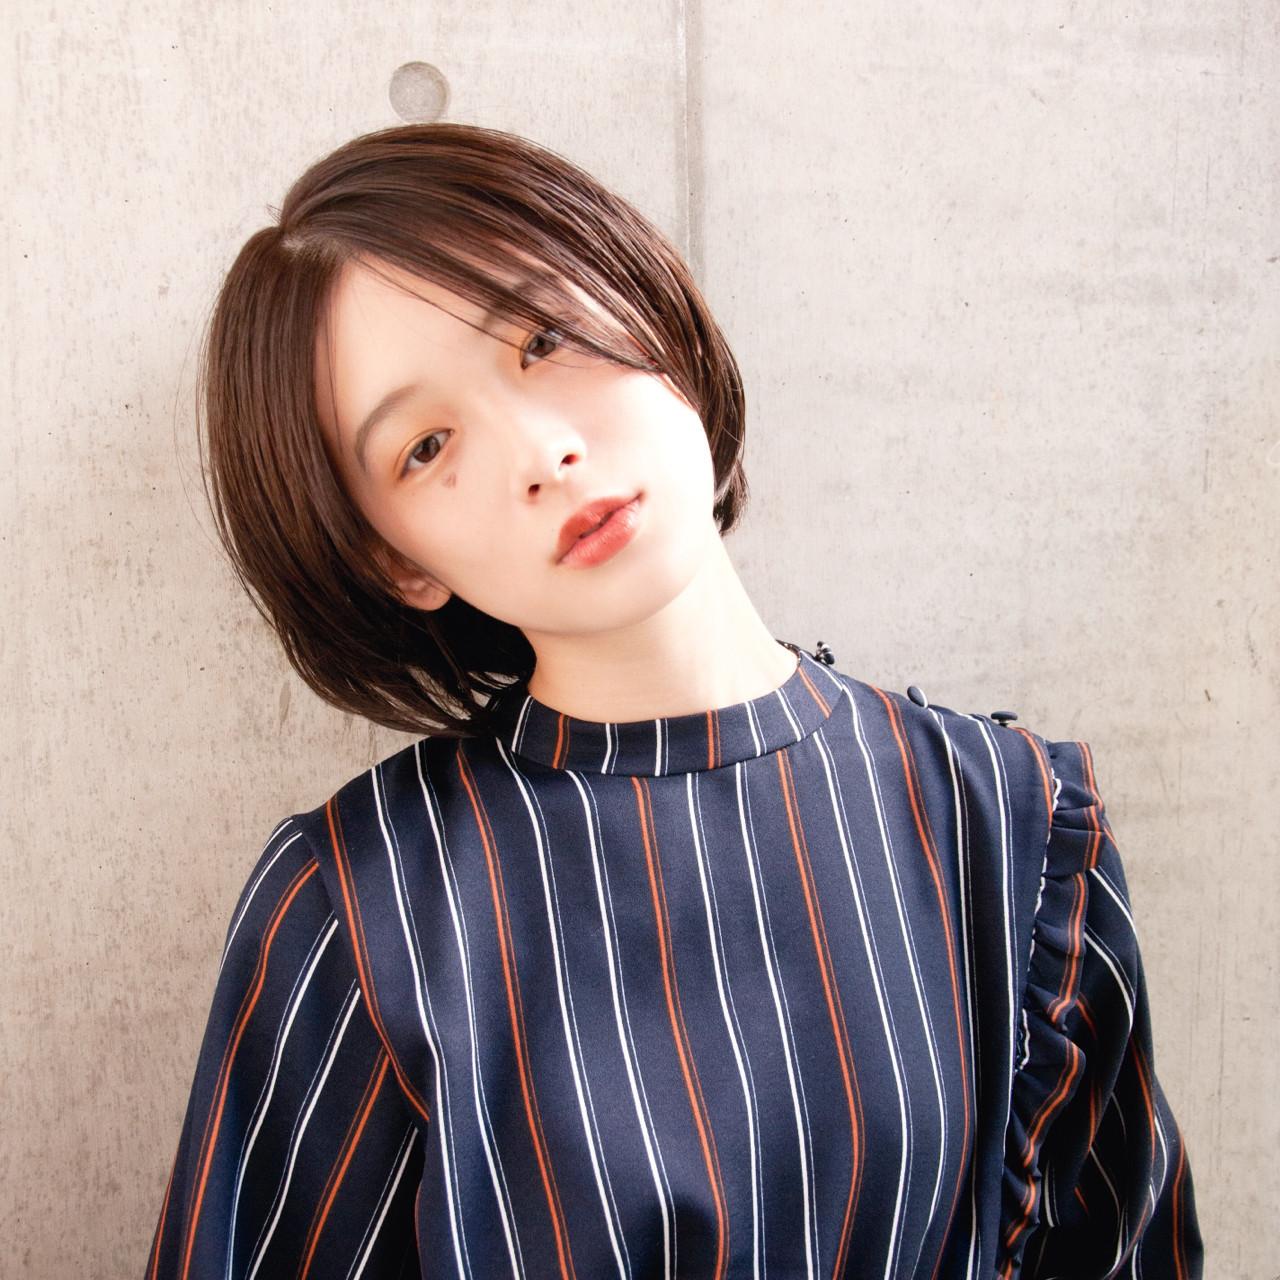 小顔 センターパート ショート 大人女子 ヘアスタイルや髪型の写真・画像